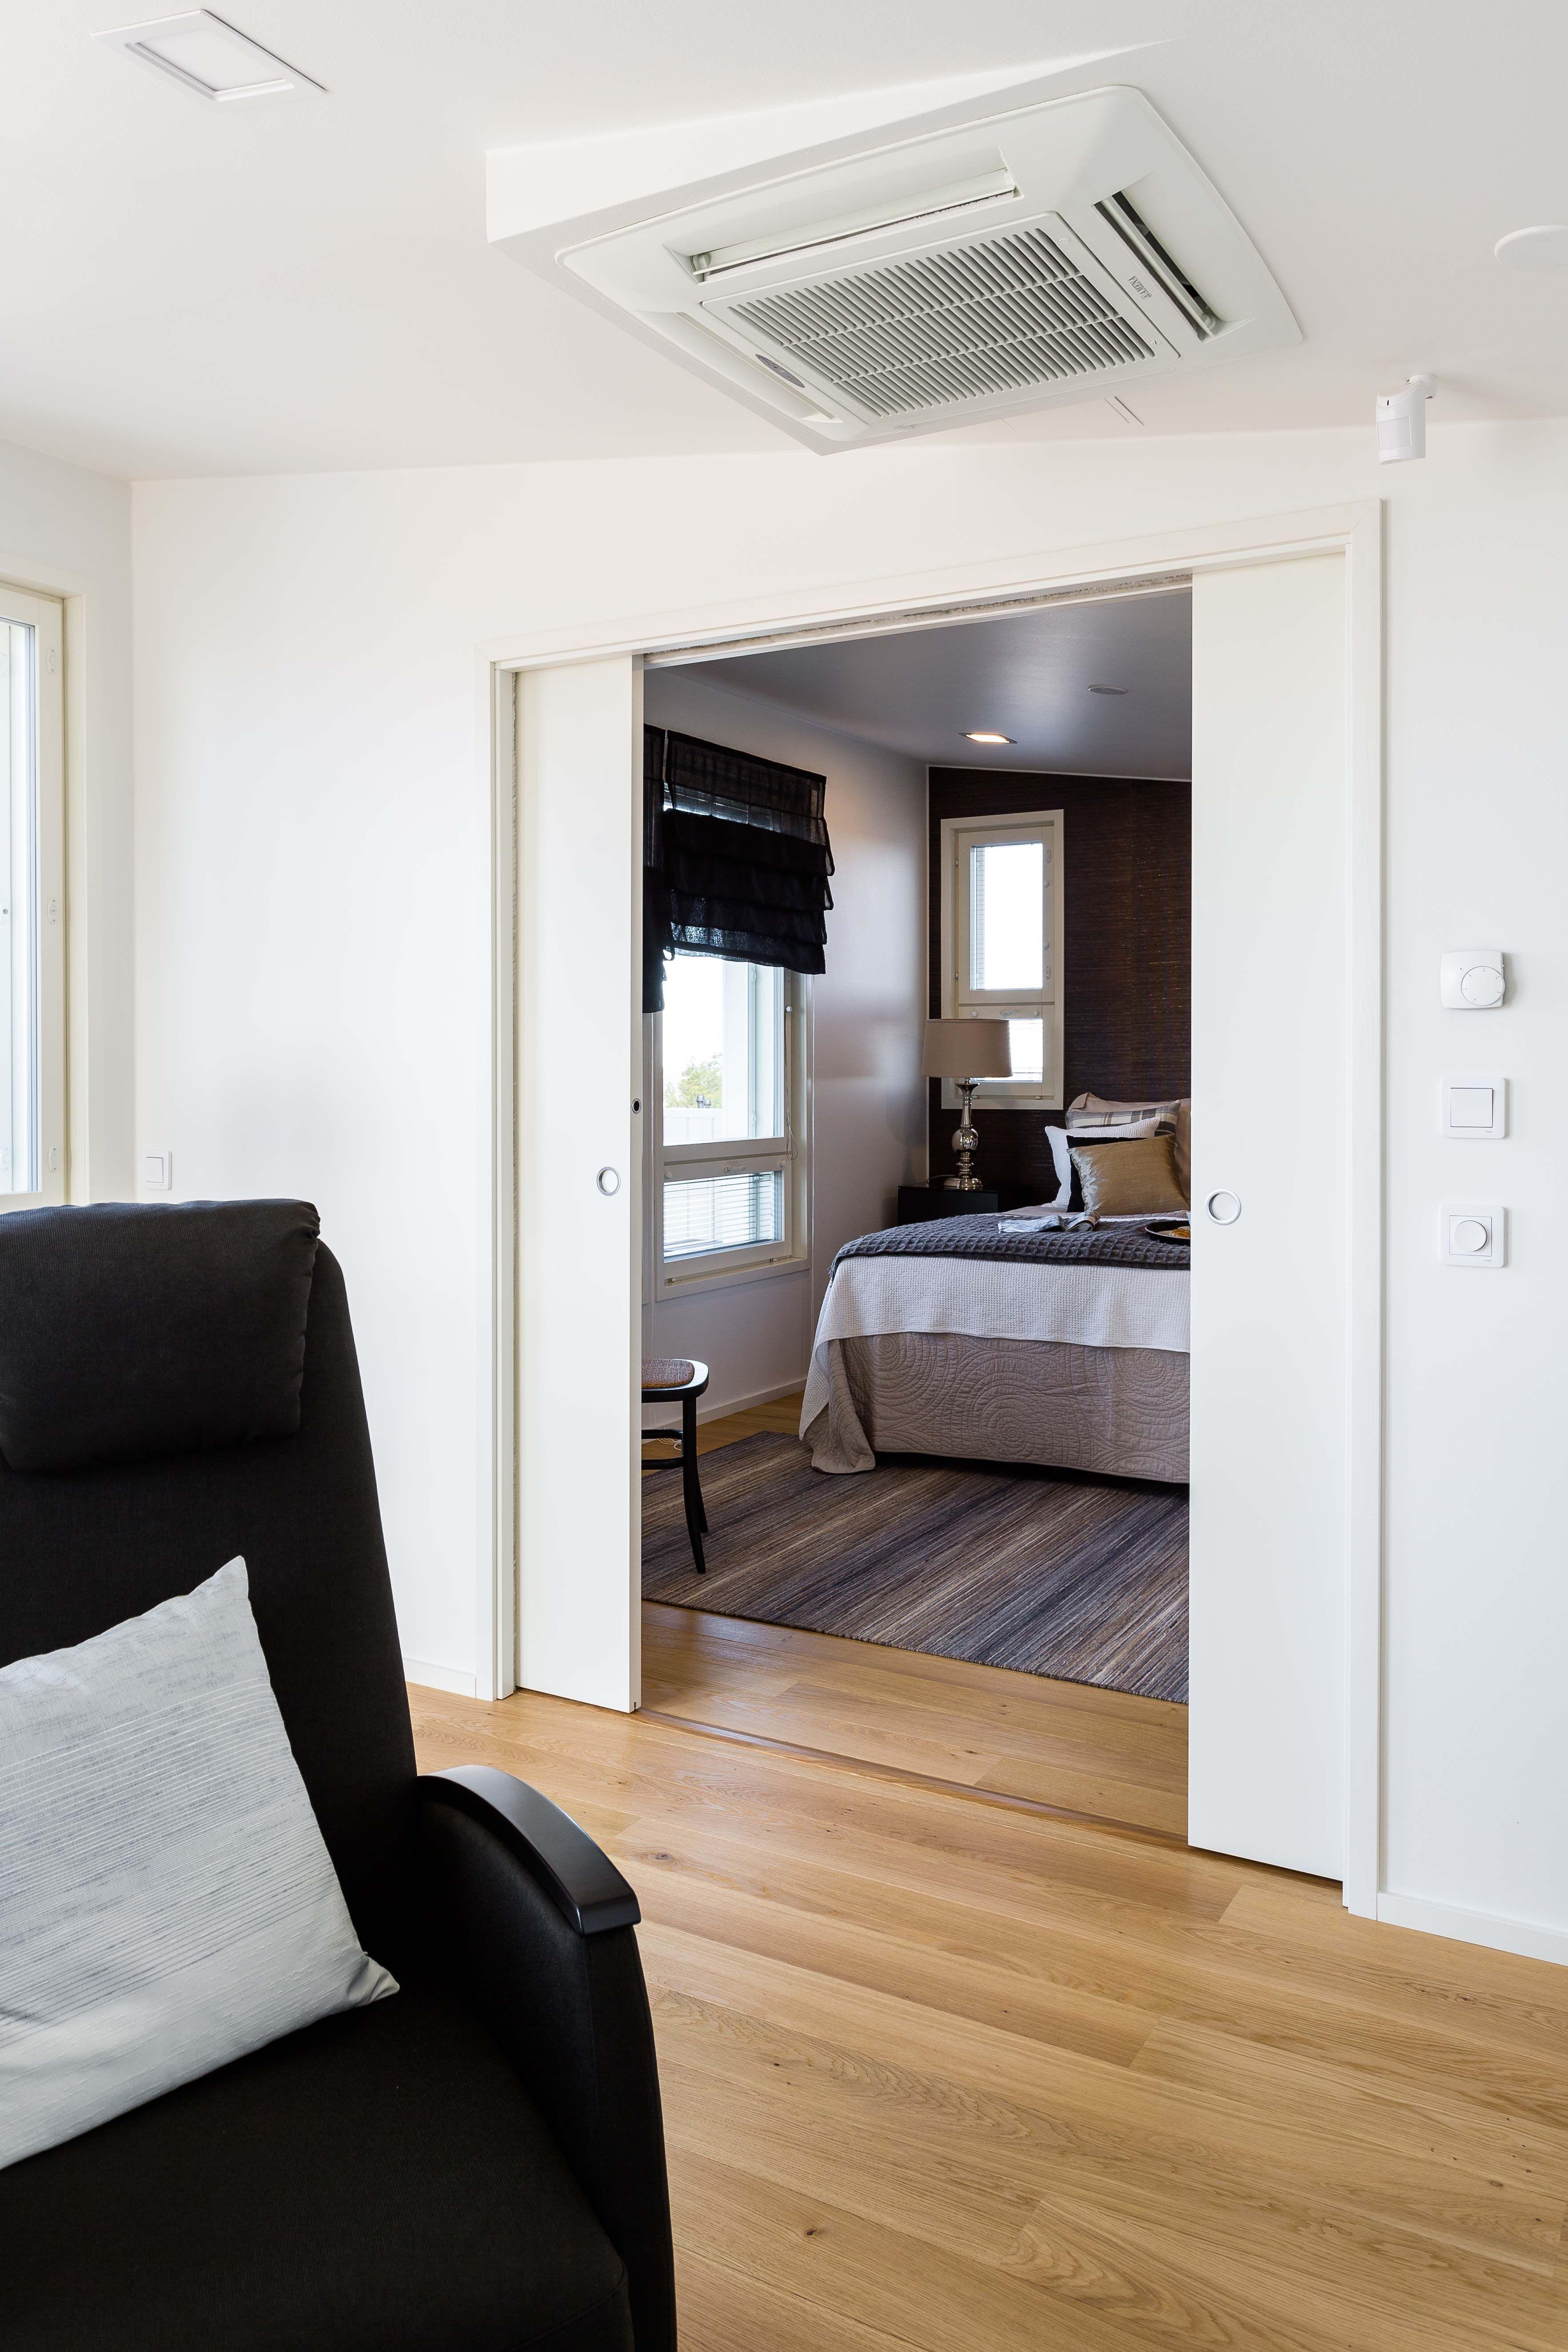 Eclisse Pocket Door yhdistää pariovien ja liukuovien parhaat puolet – lopputulos on modernin tyylikäs, mutta silti äärimmäisen käytännöllinen. Ratkaisun ansiosta päivänvalo virtaa esteettömästi läpi asunnon, mikä tekee sen ilmeestä raikkaan ja valoisan.